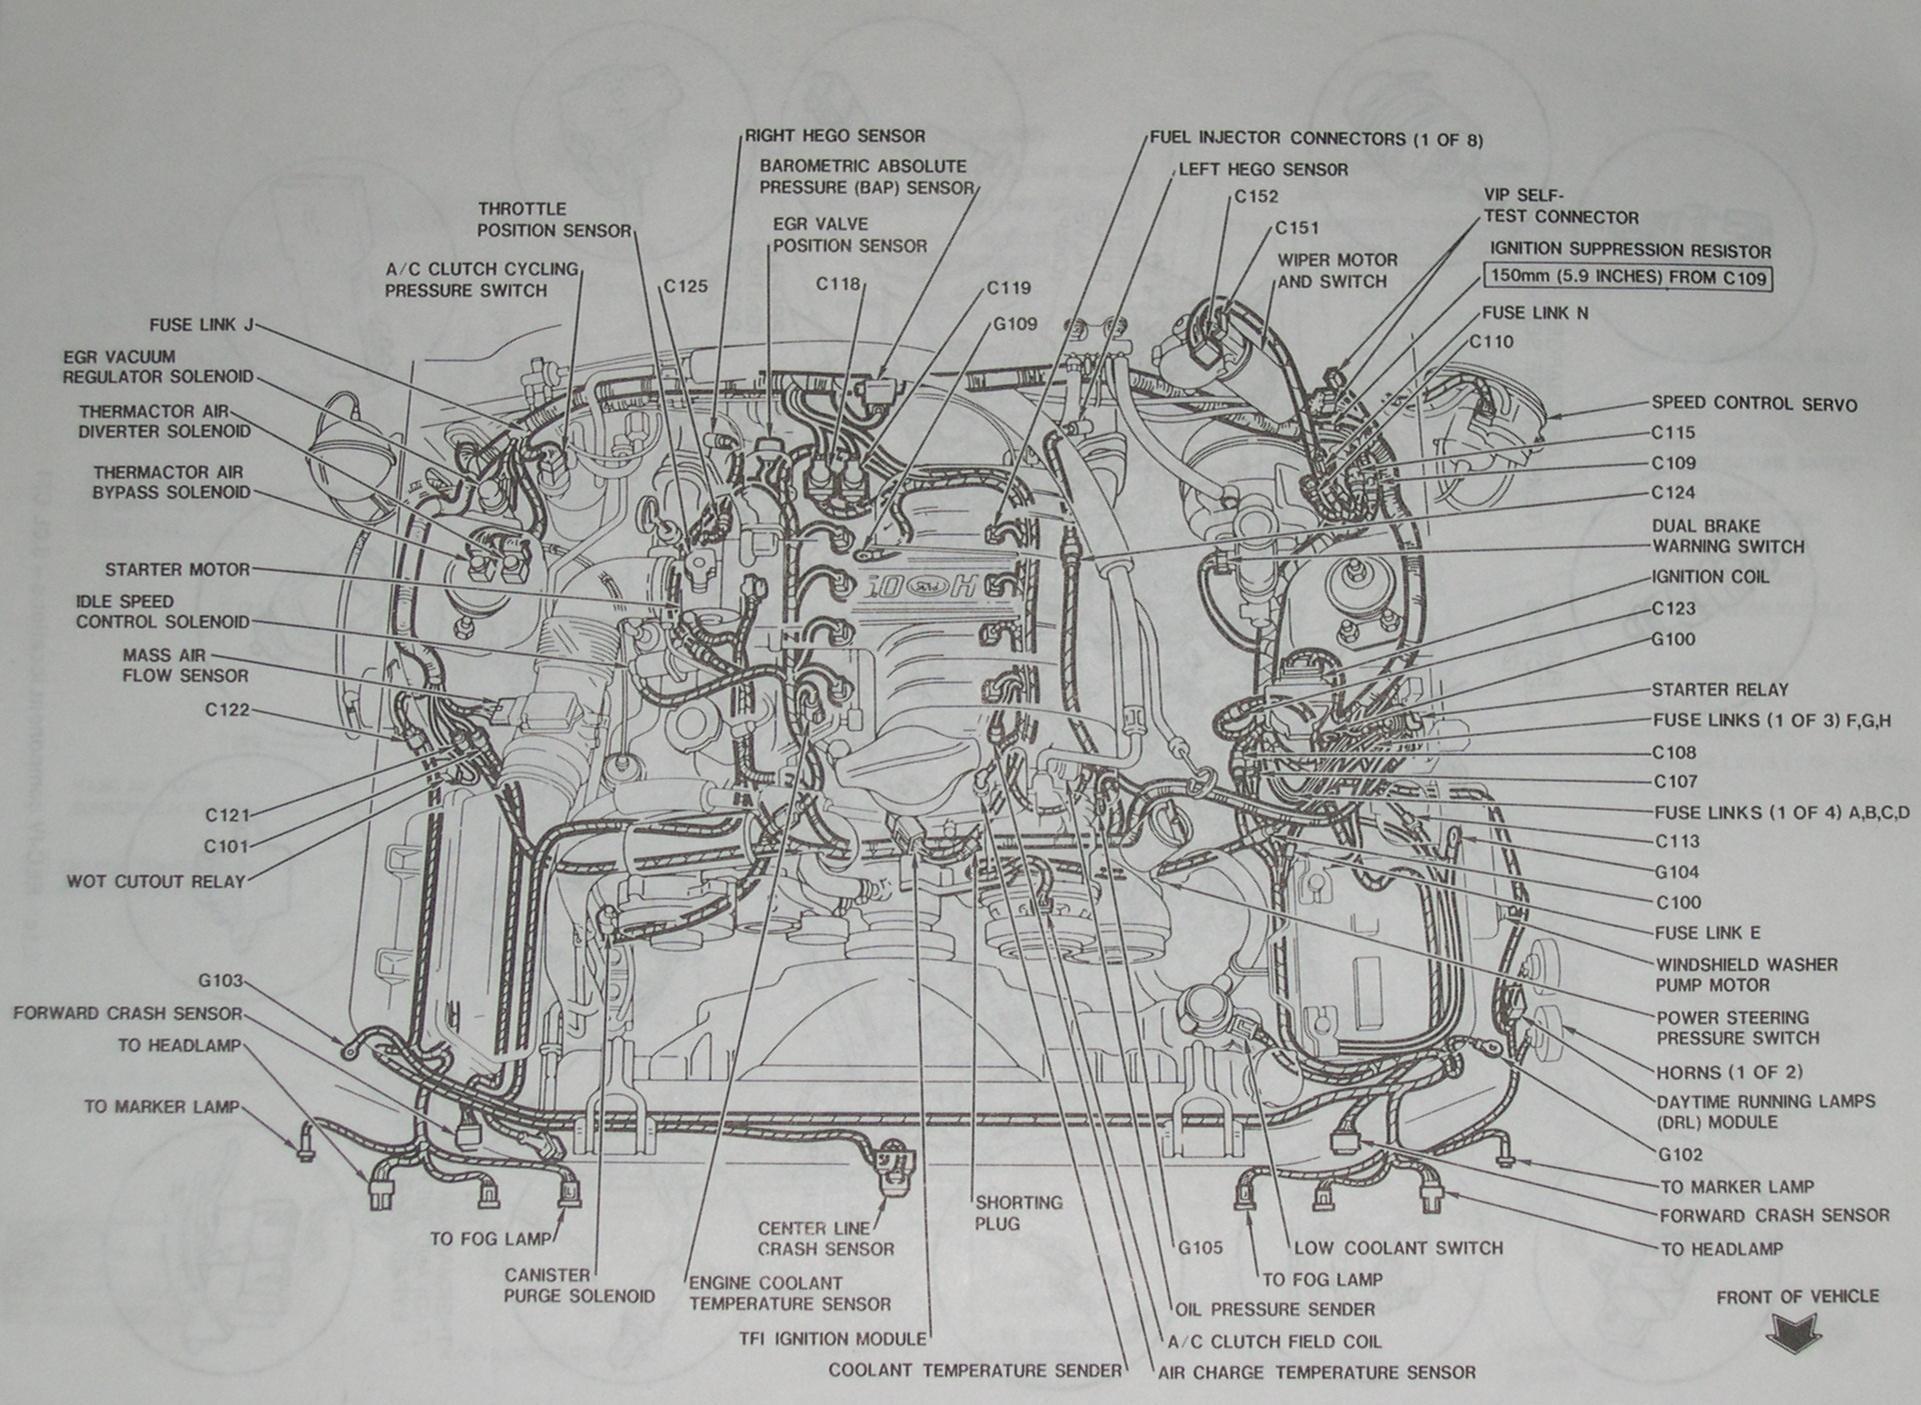 2001 ford Windstar Engine Diagram Windstar 3 8 Engine Diagram Wiring Diagram Used Of 2001 ford Windstar Engine Diagram